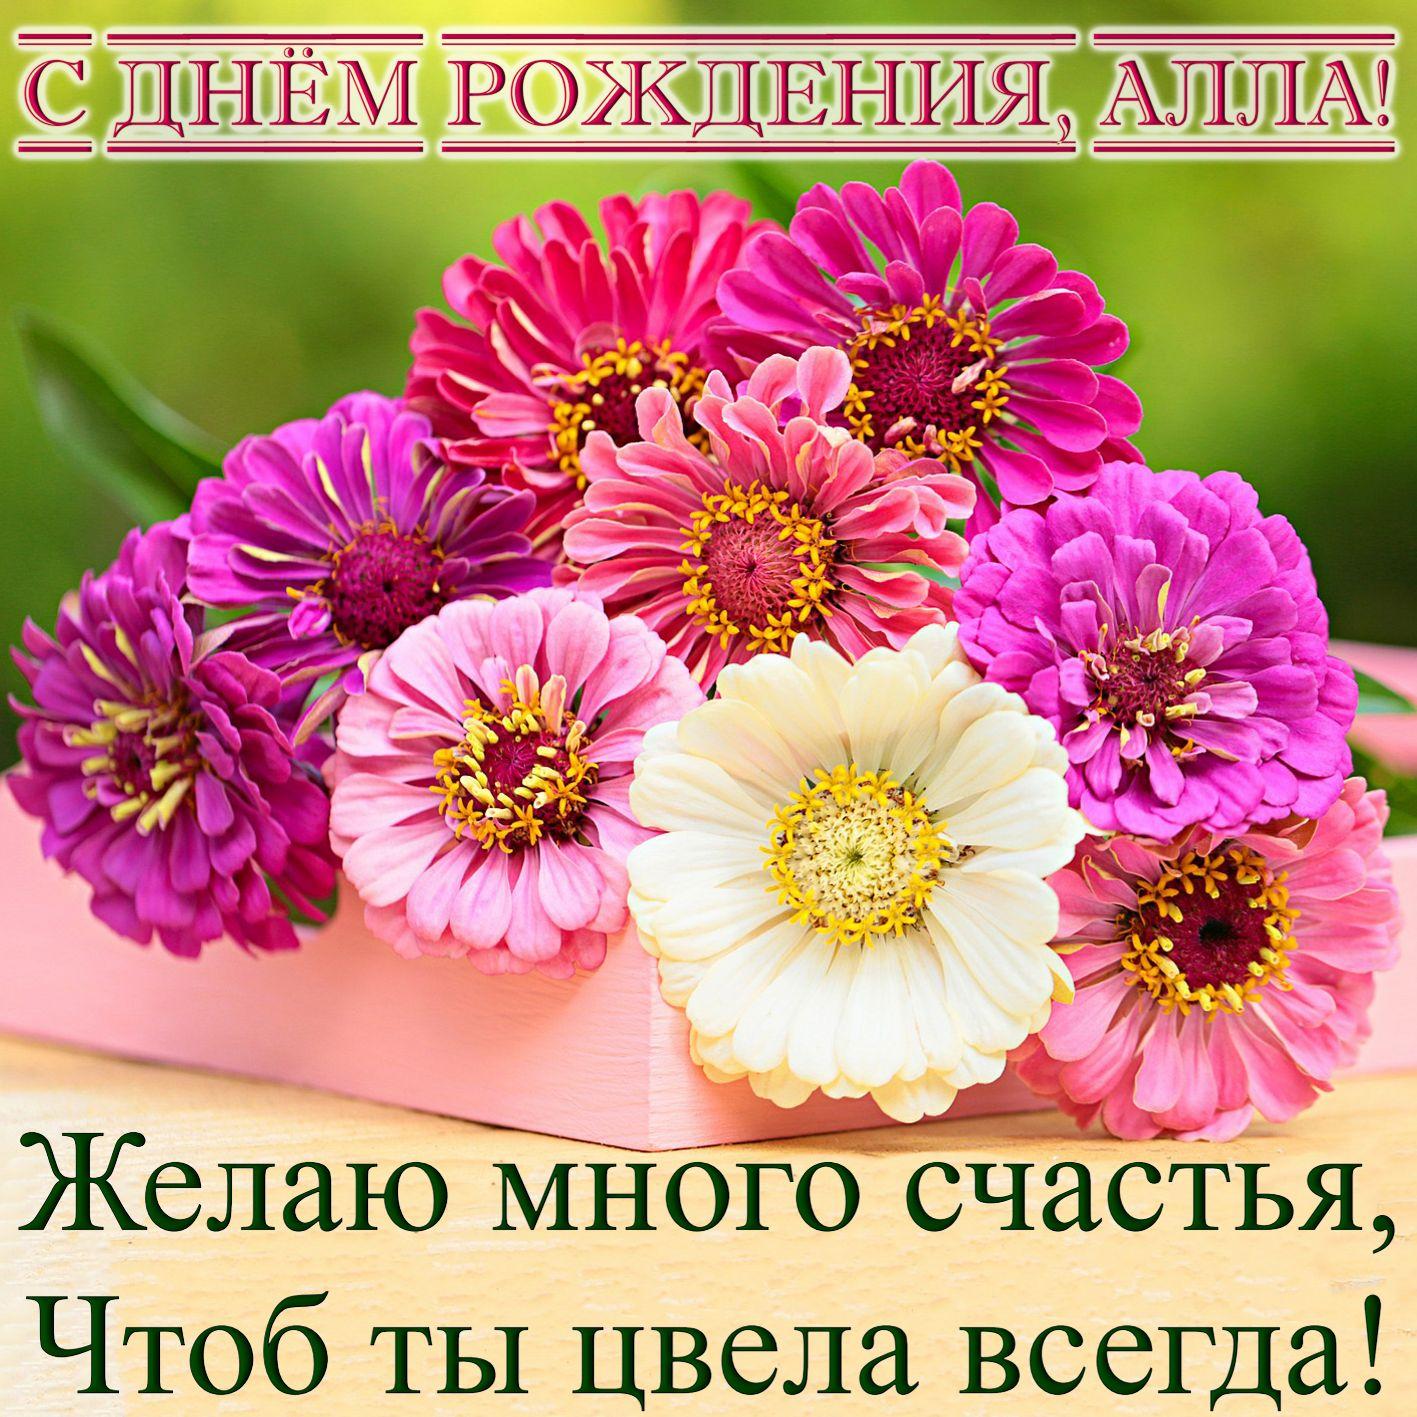 Картинка с красивыми цветами Алле на День рождения